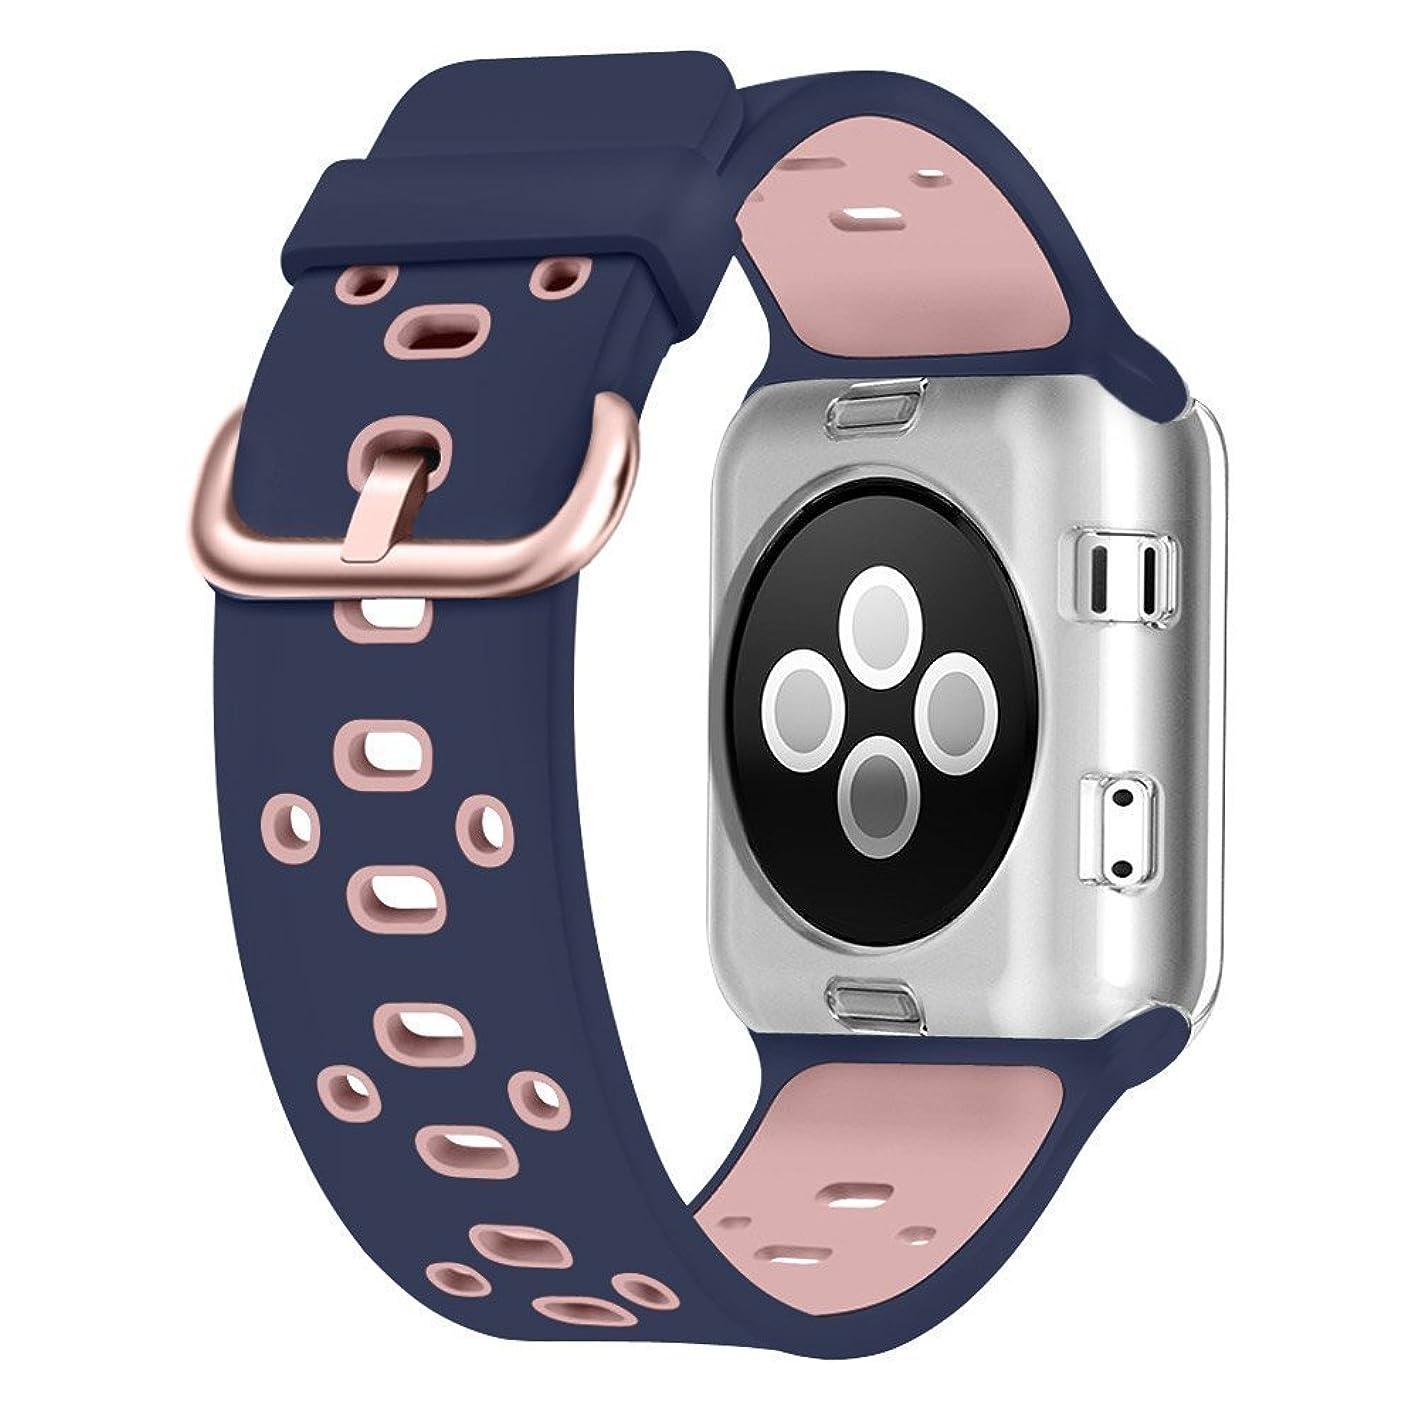 さびた根拠愛情UMTELE apple watch バンド 42mm 44mm アップルウォッチ 5 バンド 交換ベルトスポーツ シリコンバンド TPU素材 ソフト 耐衝撃 Apple Watch Series 1/2/3/4/5 対応